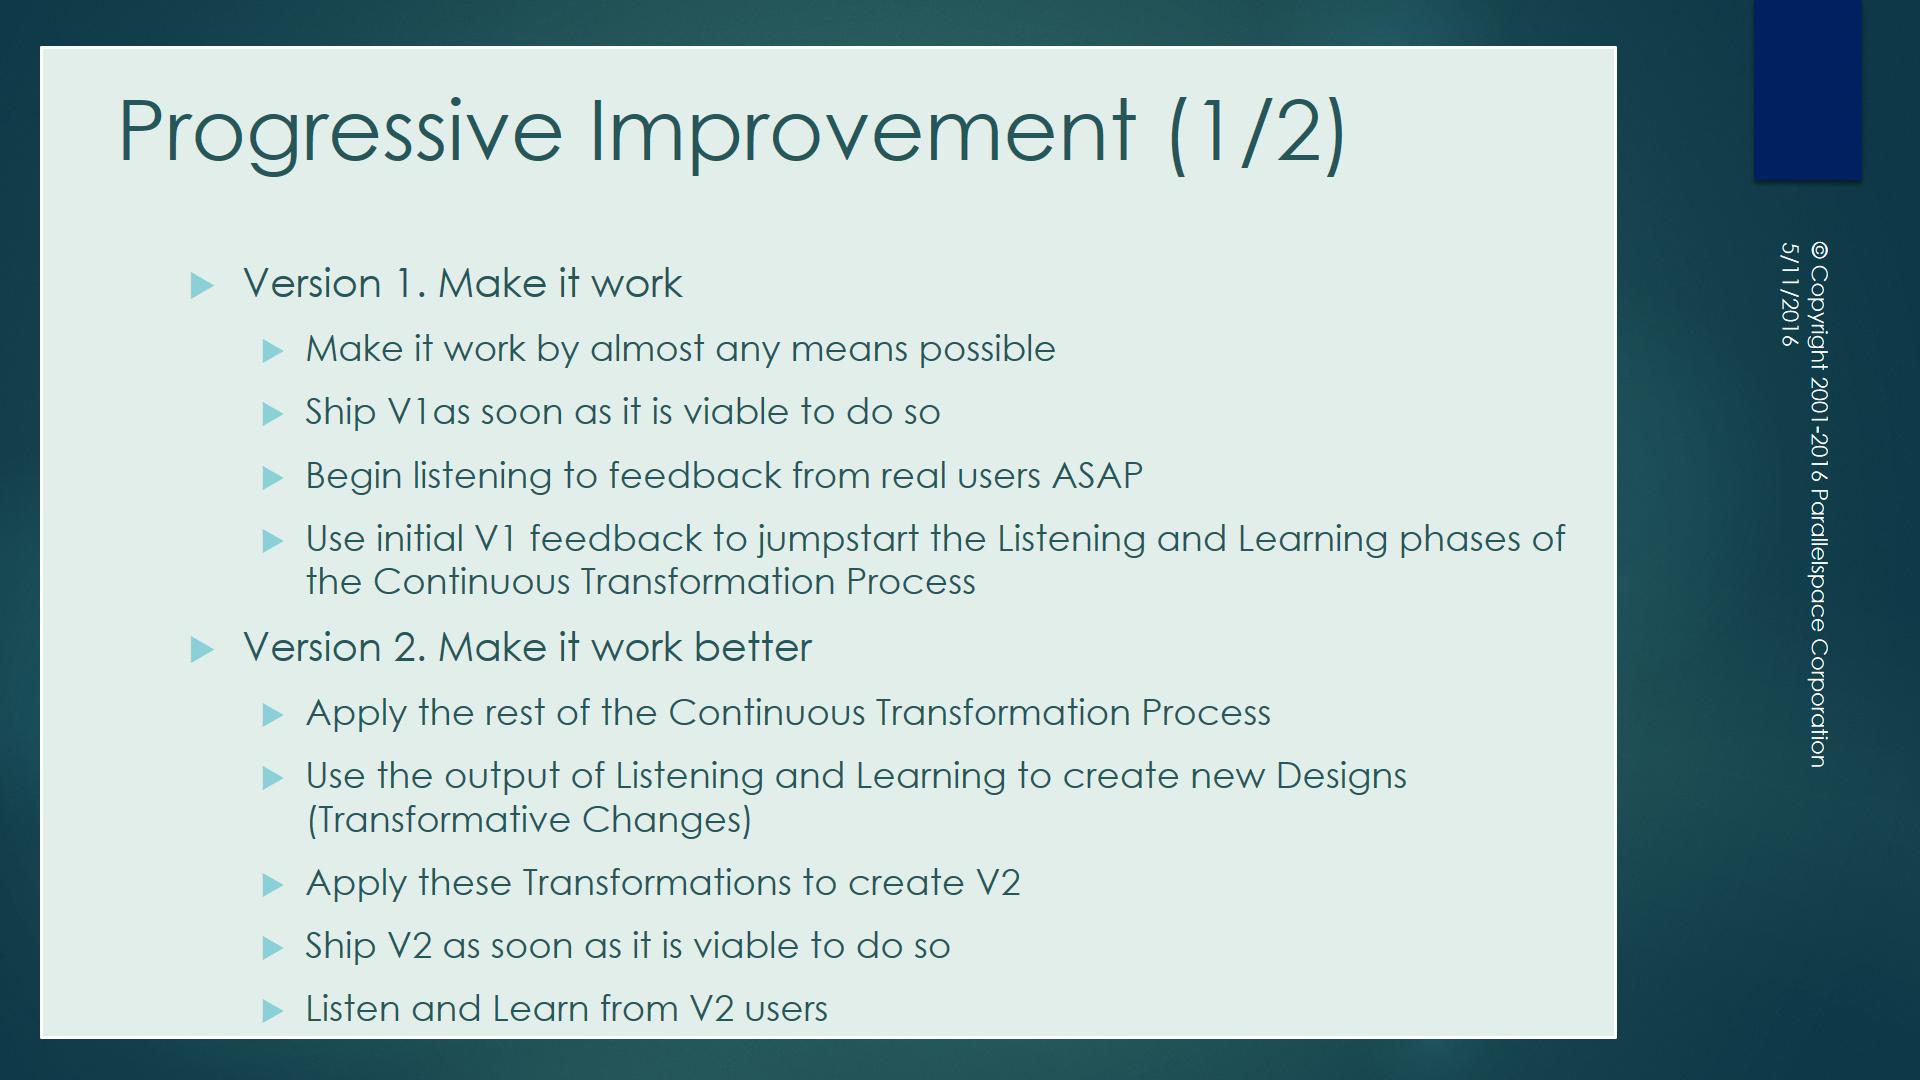 progressive-improvement-a-1-0-1